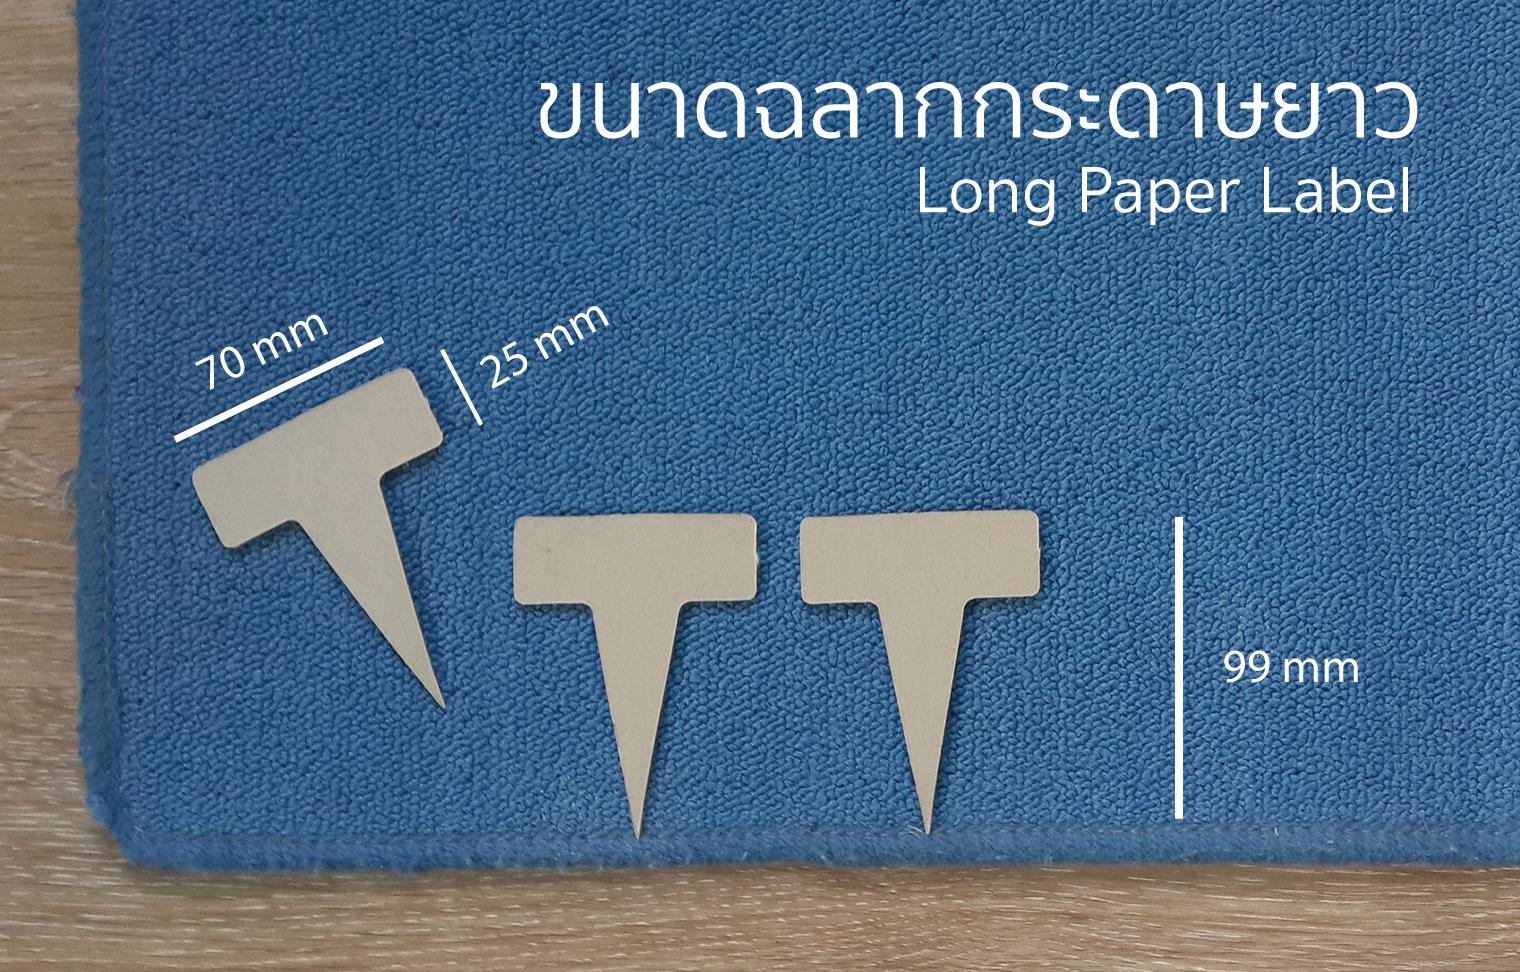 ป้ายฉลากกระดาษยาว (long Paper Label) - 50 ชิ้น